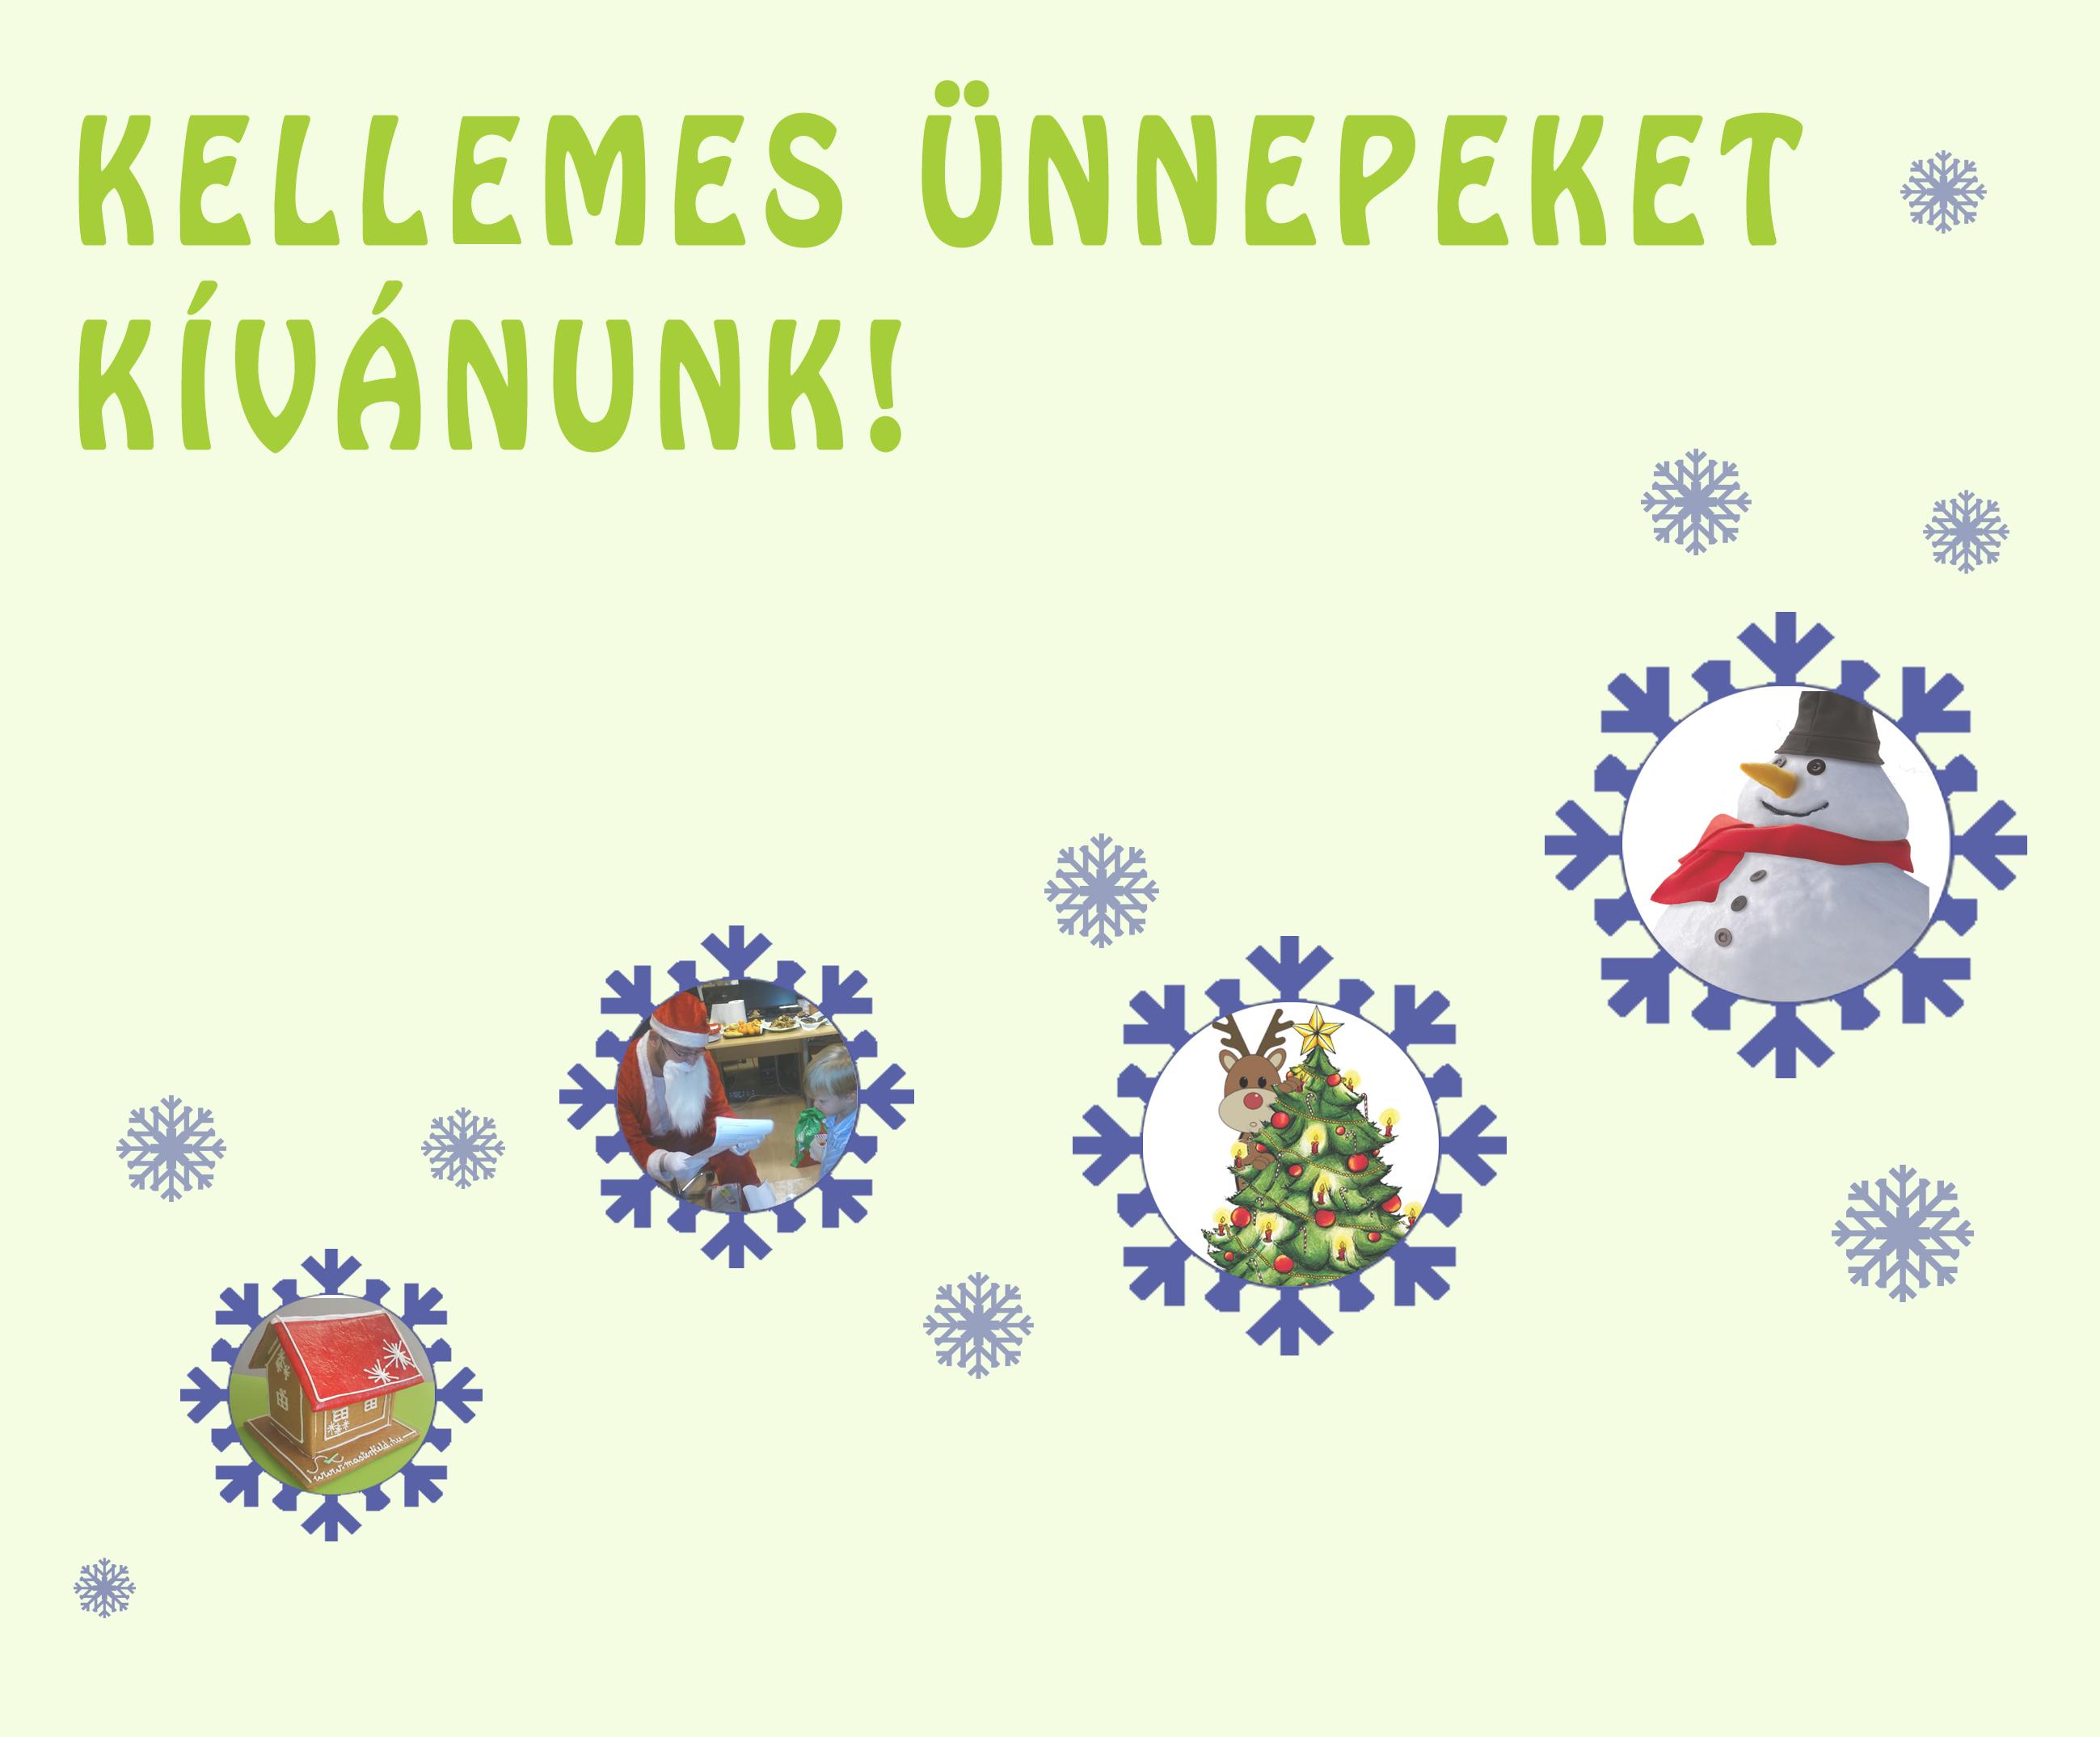 Kellemes_unnepeket!